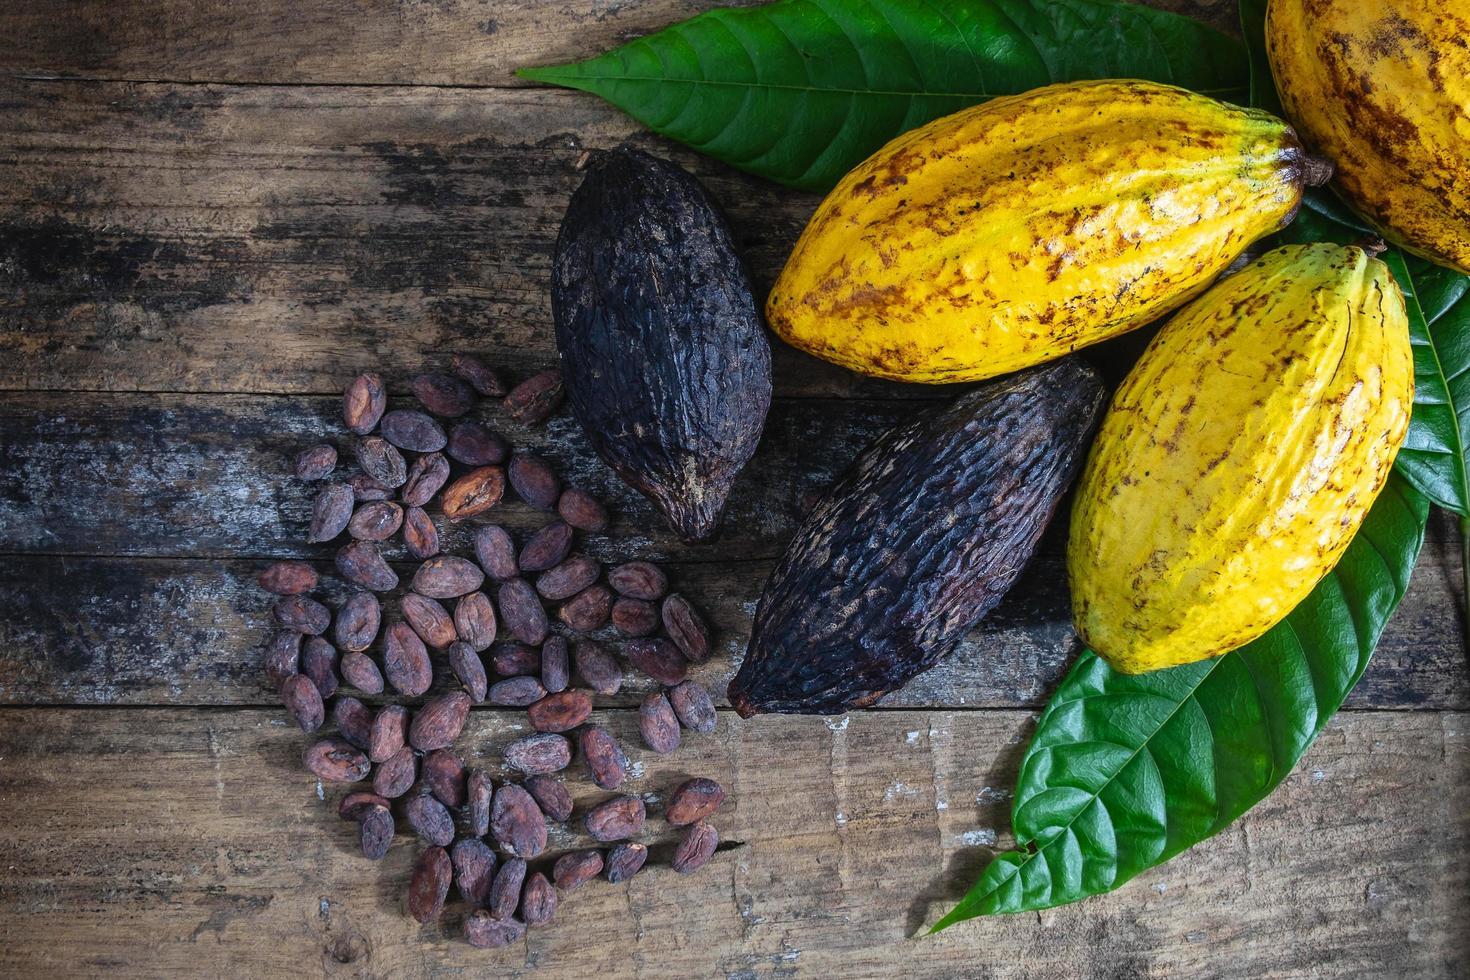 verse cacaobonen en cacaobonen foto